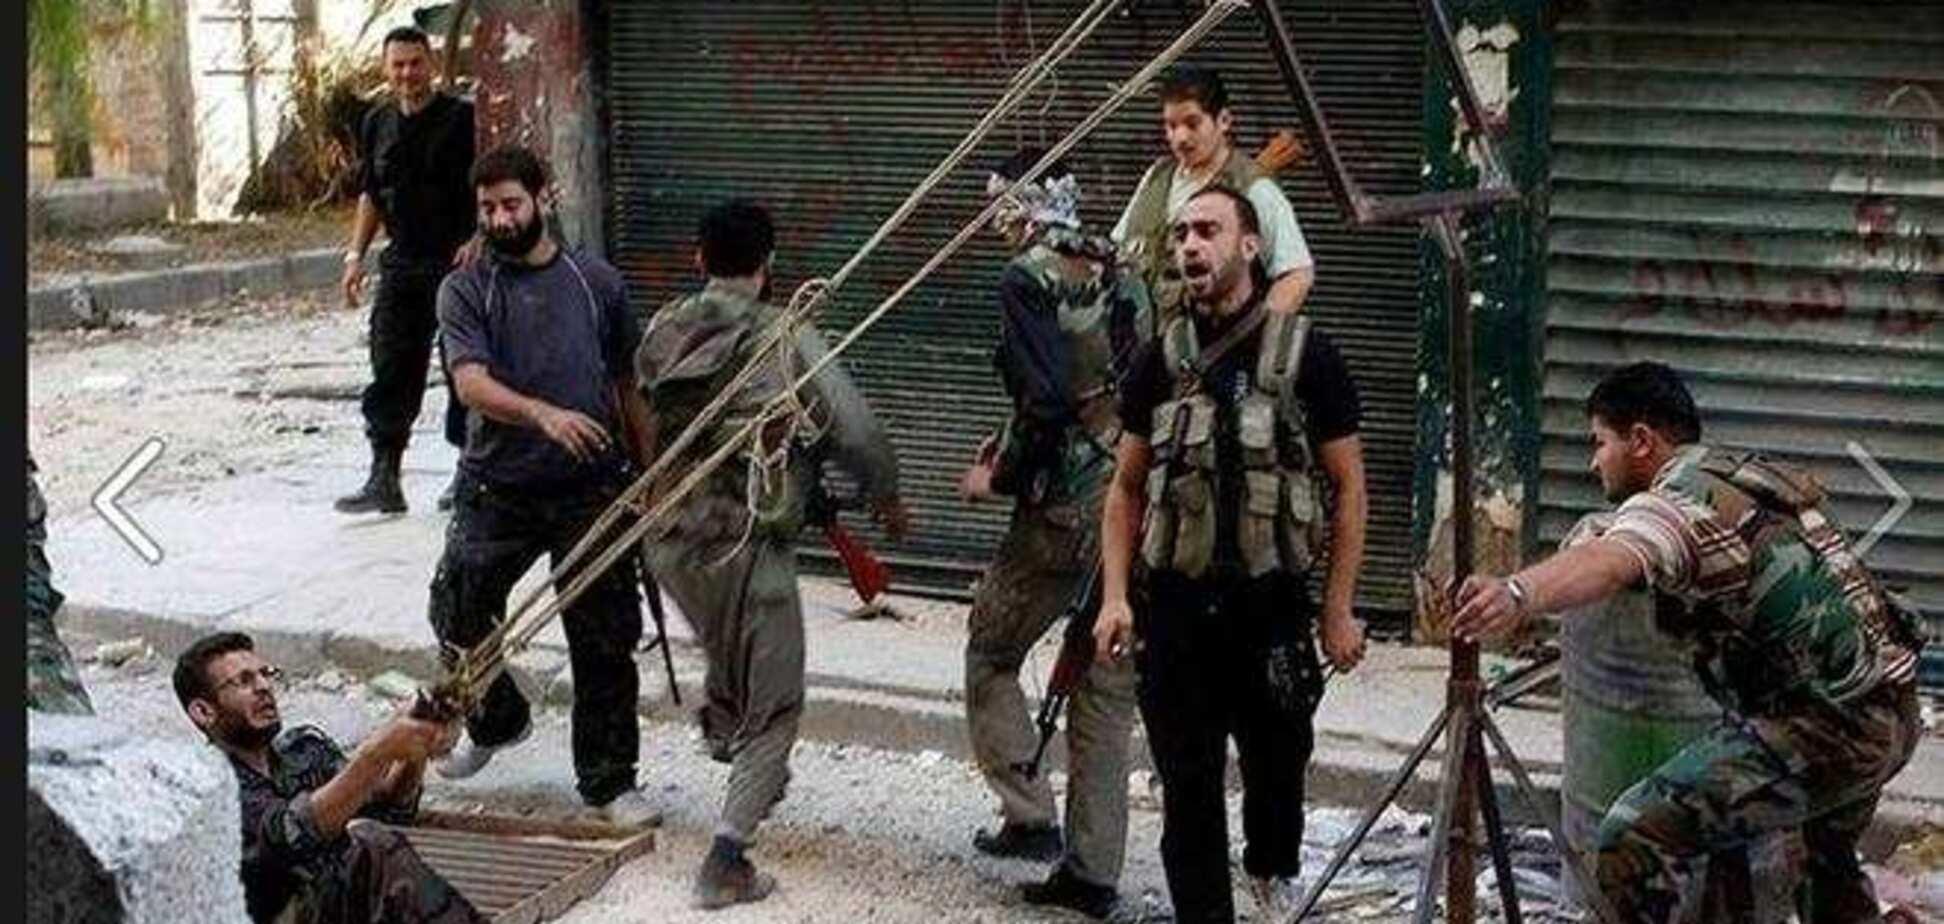 Мегарогатка: методы гражданской войны в Сирии против спецназа Украины